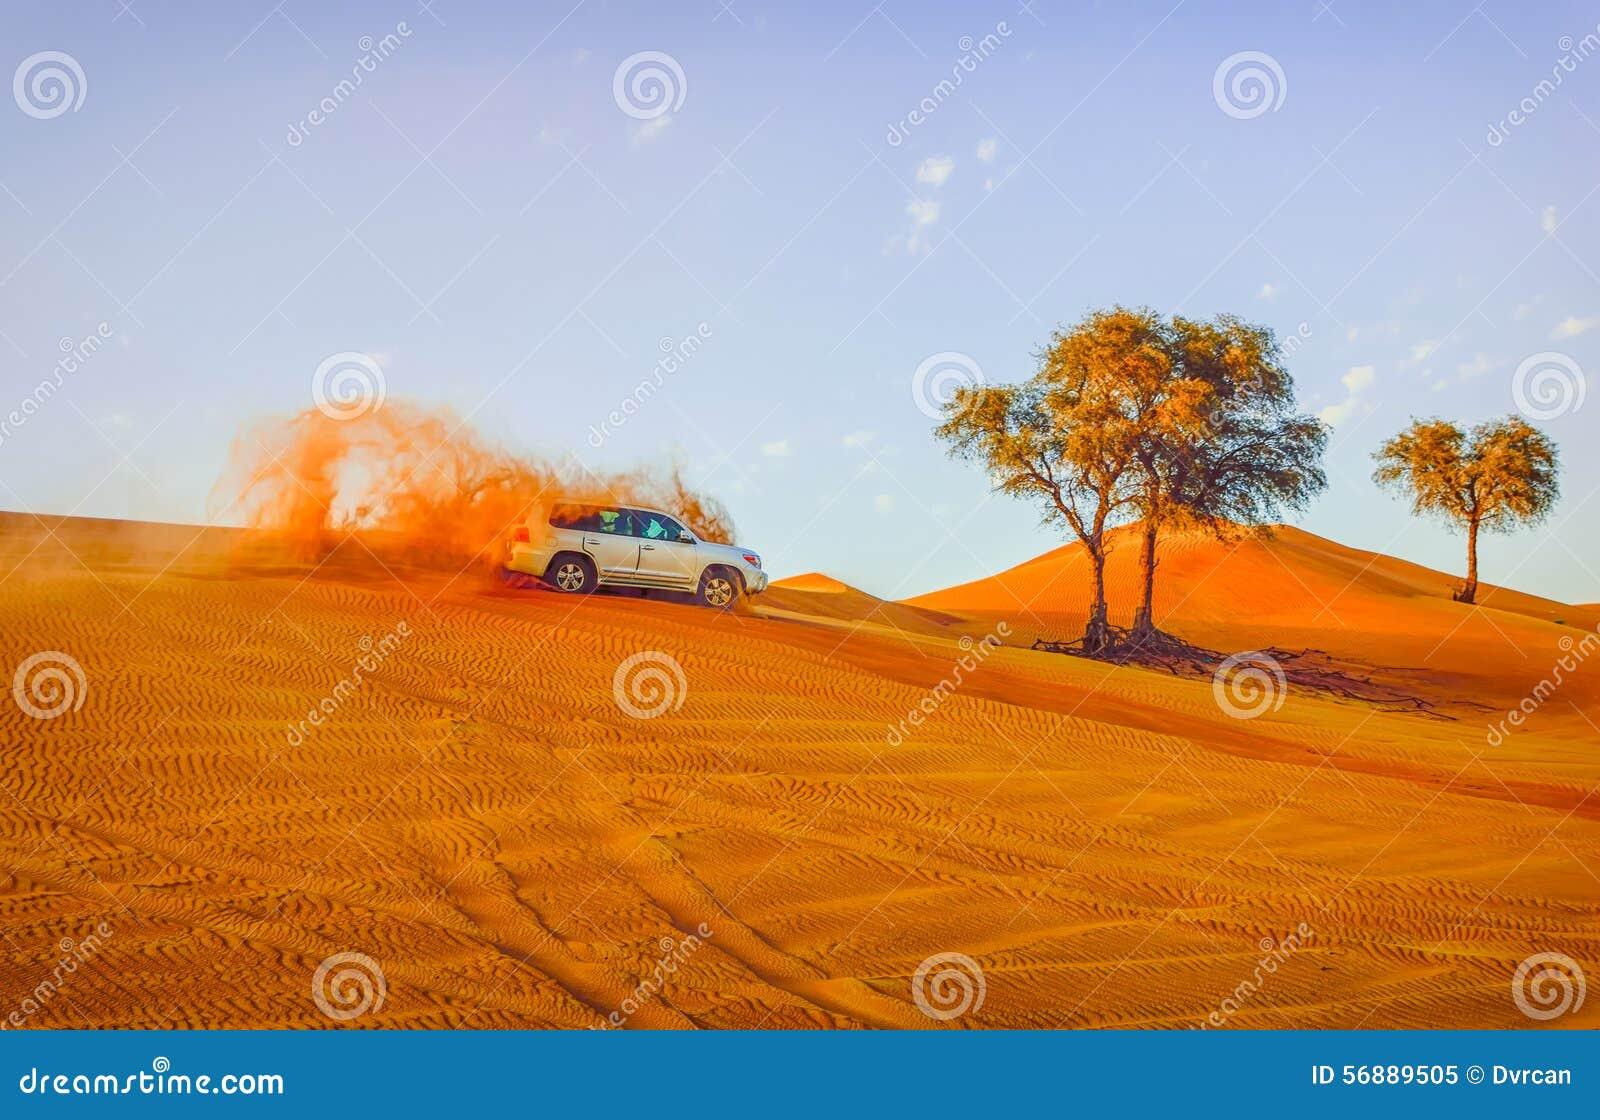 4 dalla duna 4 che colpisce sono uno sport popolare del deserto arabo